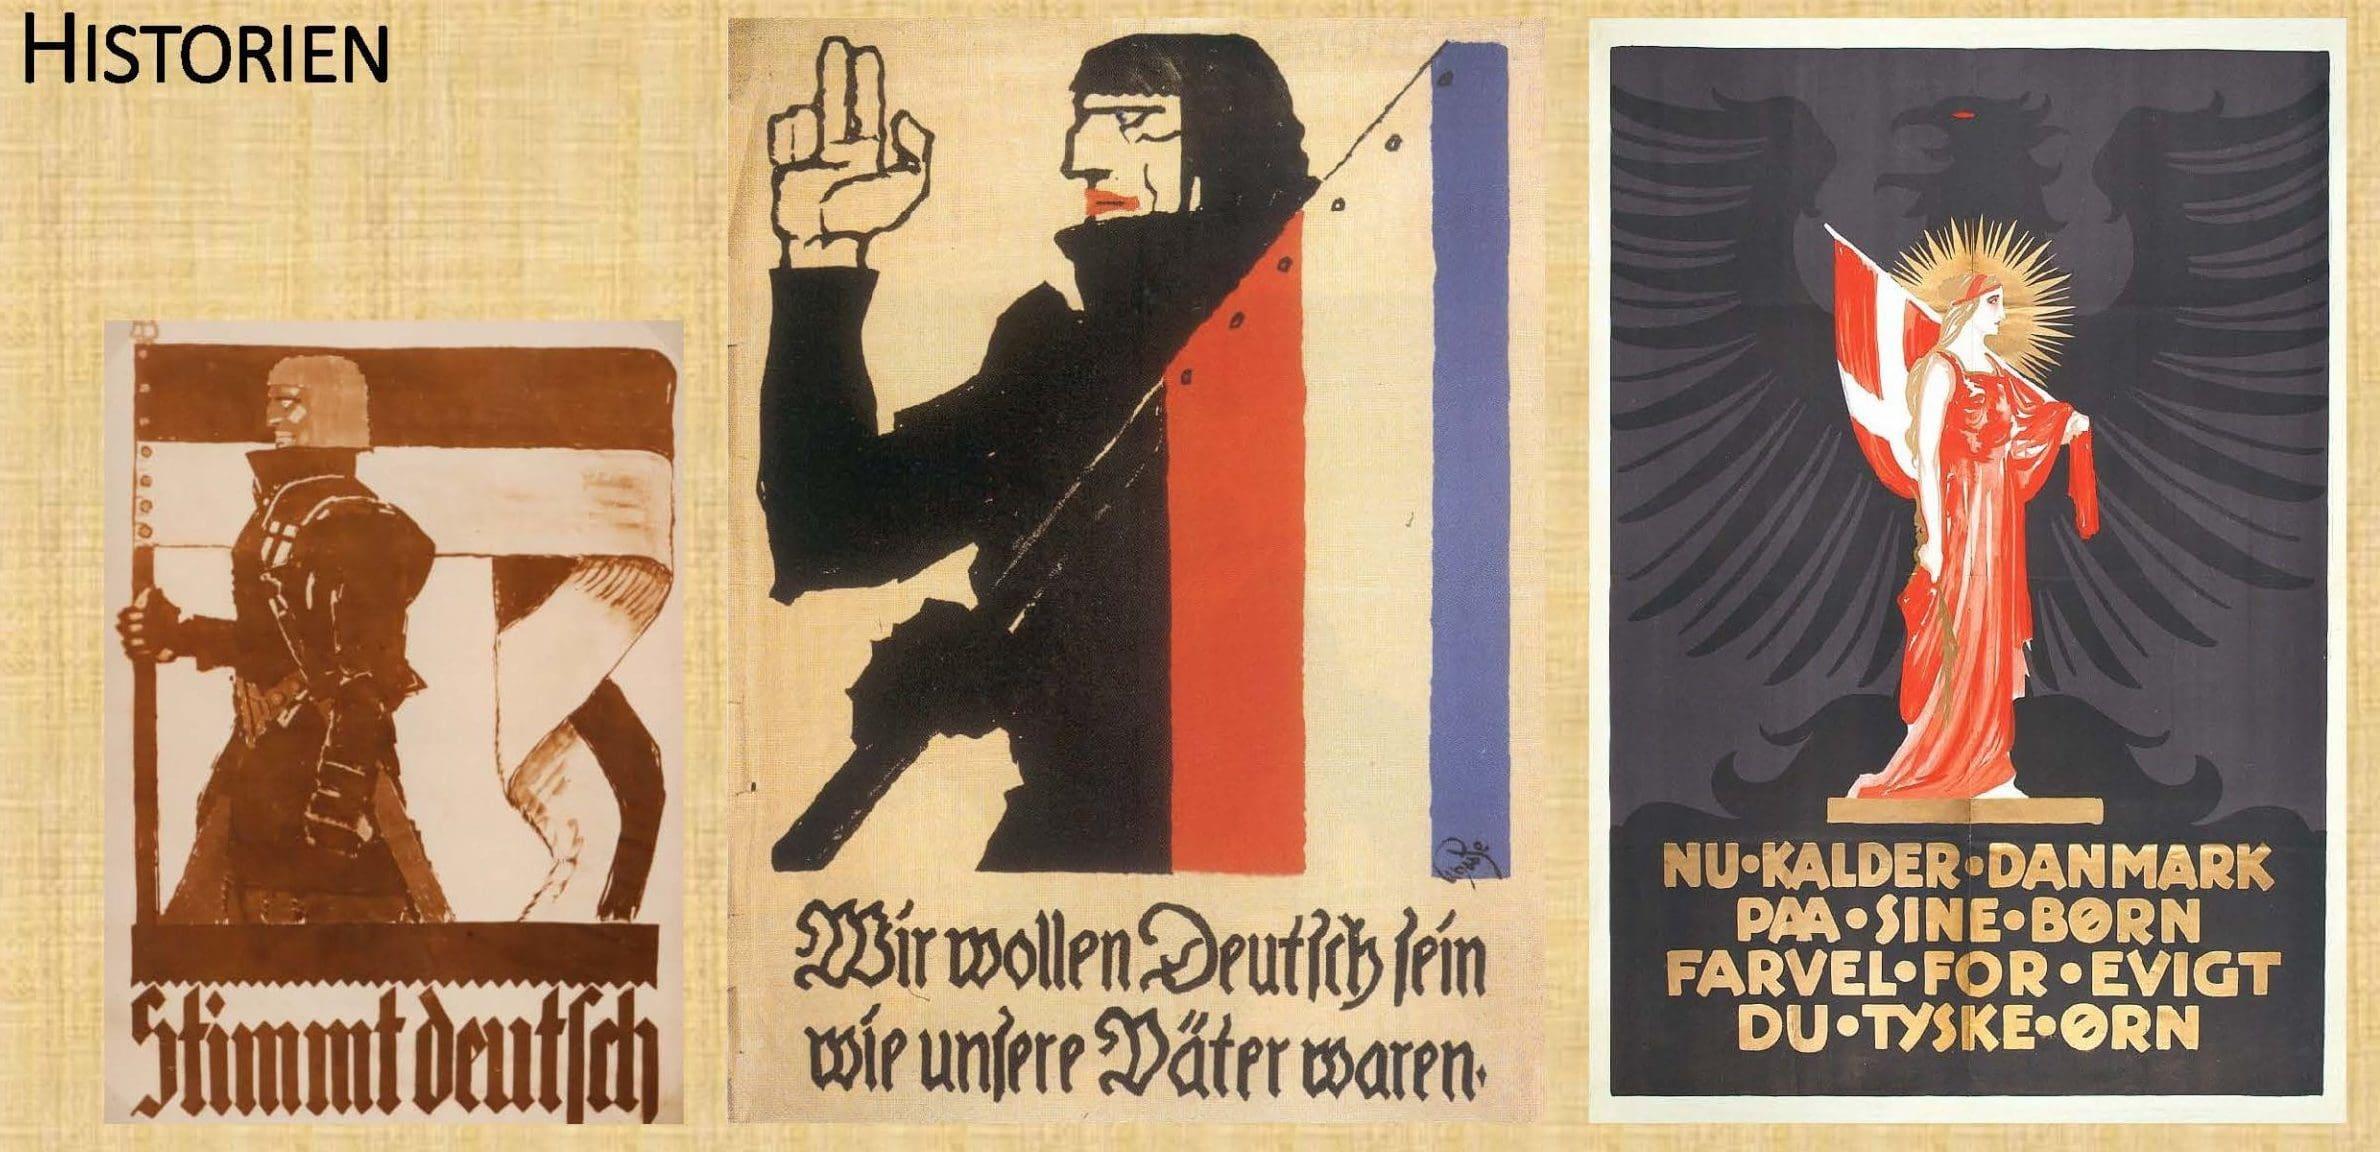 Genforeningens Vilde Valgplakater